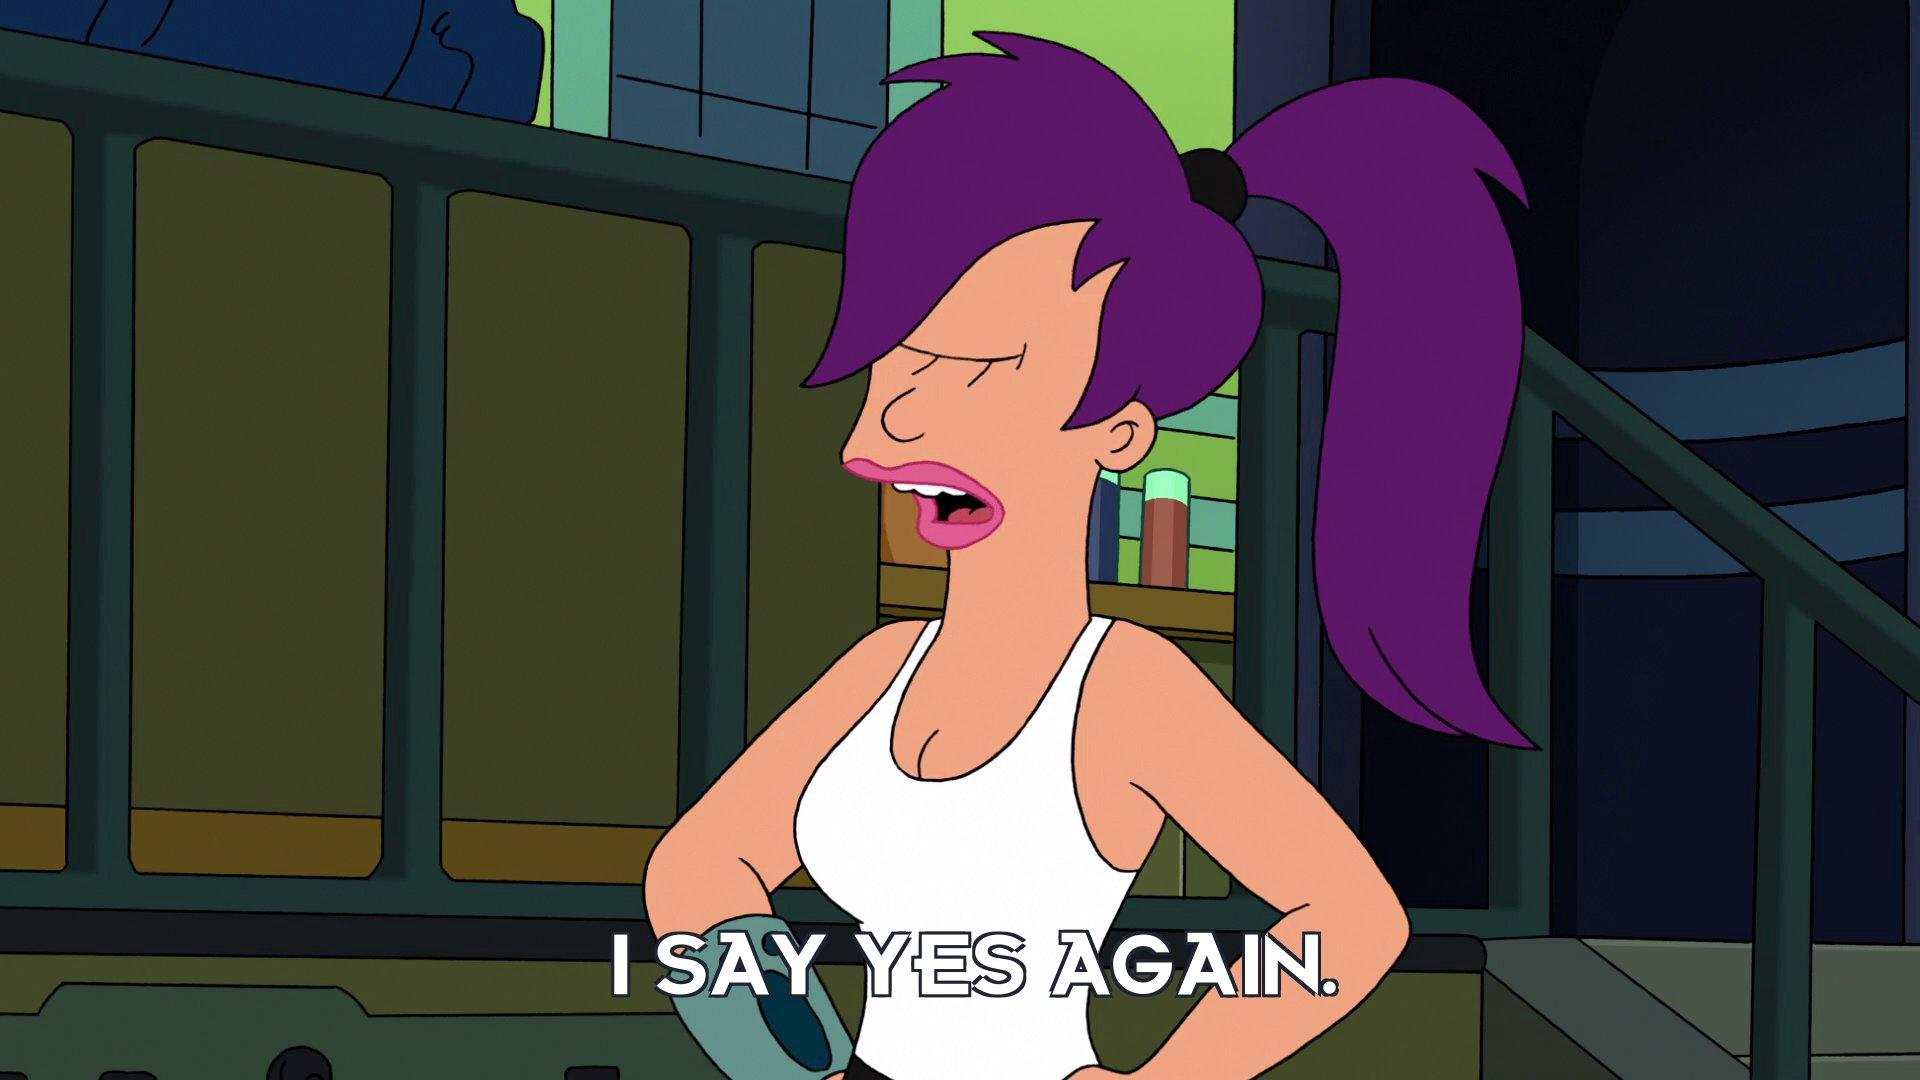 Turanga Leela: I say yes again.